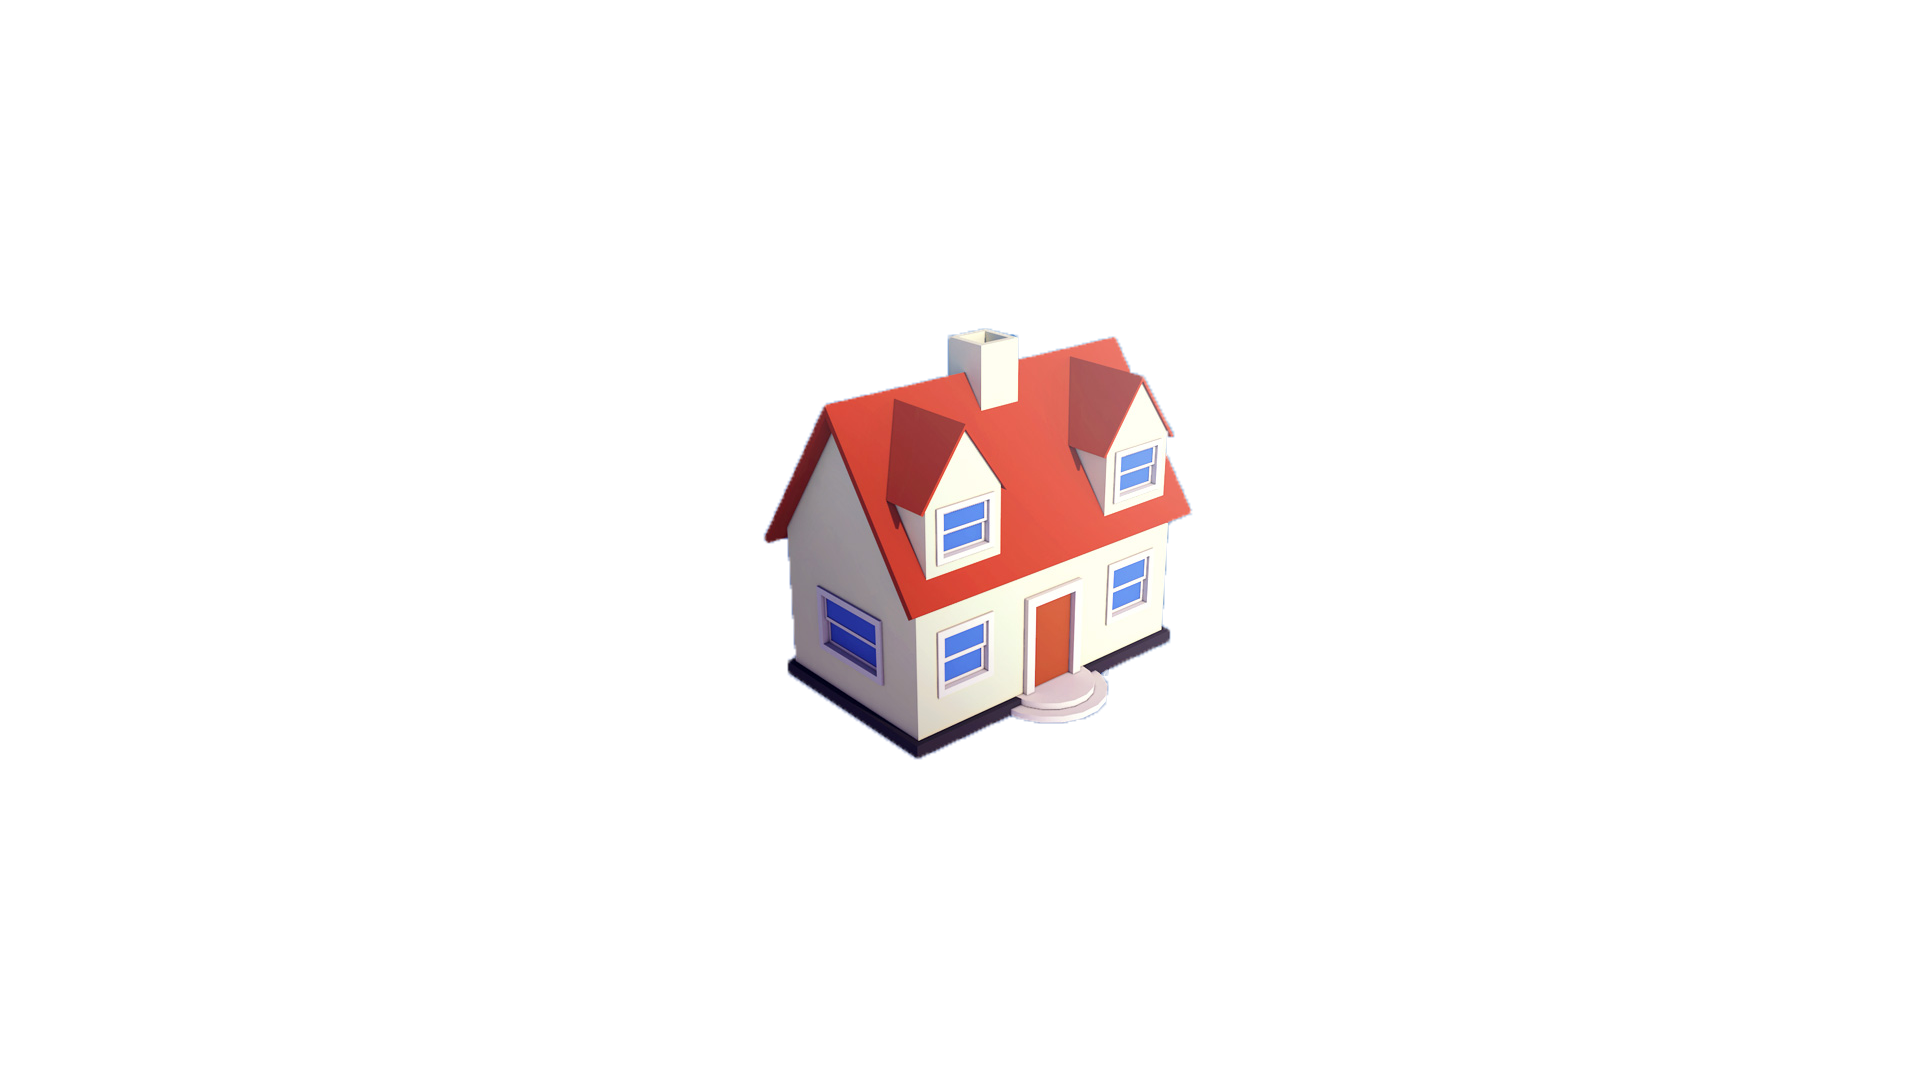 ساخت یک خانه سه بعدی در 3DS MAX